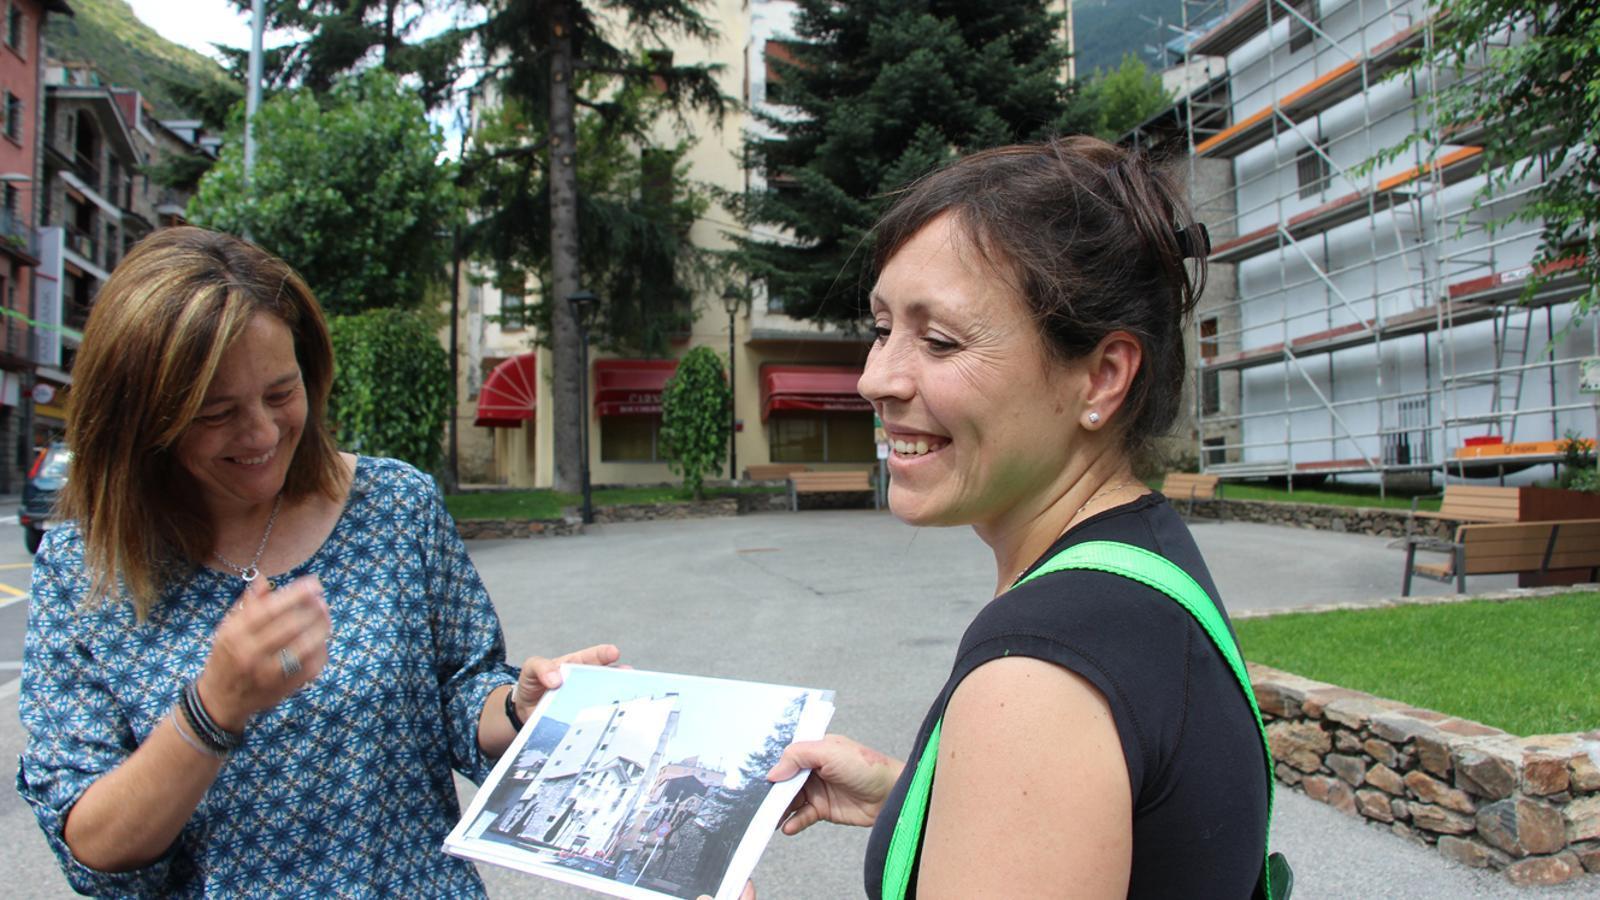 La cònsol menor d'Encamp, Esther París, i l'artista Samantha Bosque, mostren com quedarà la façana de Casa Viliella. / P. R.